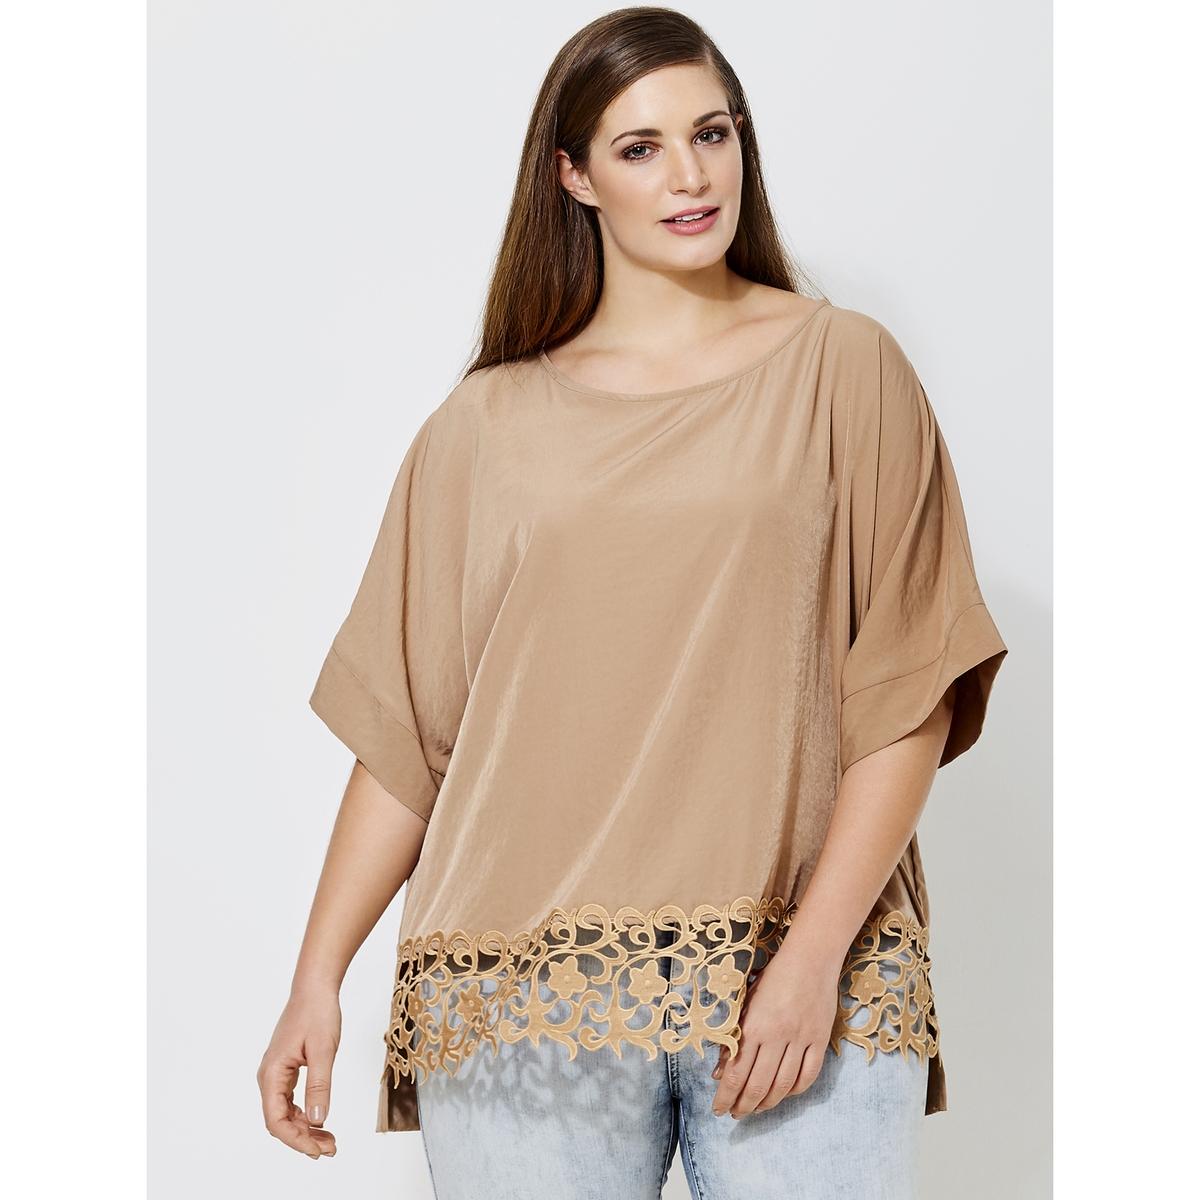 Блузка MAT FASHION 6148247 от LaRedoute